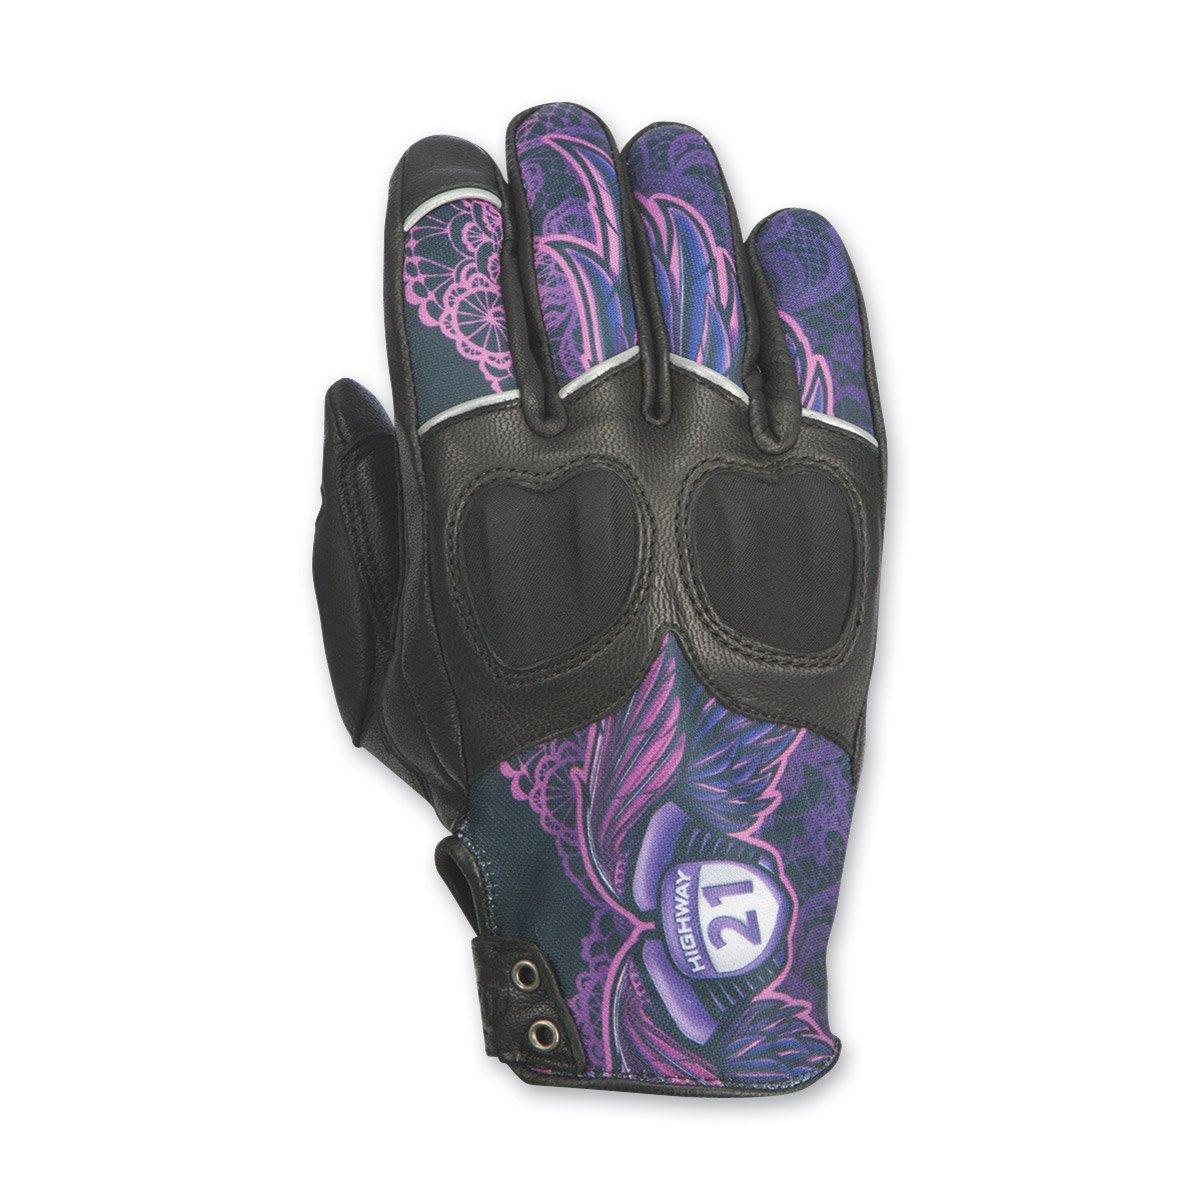 Highway 21 Womens Vixen Gloves Purple Lace Large 489-0092L